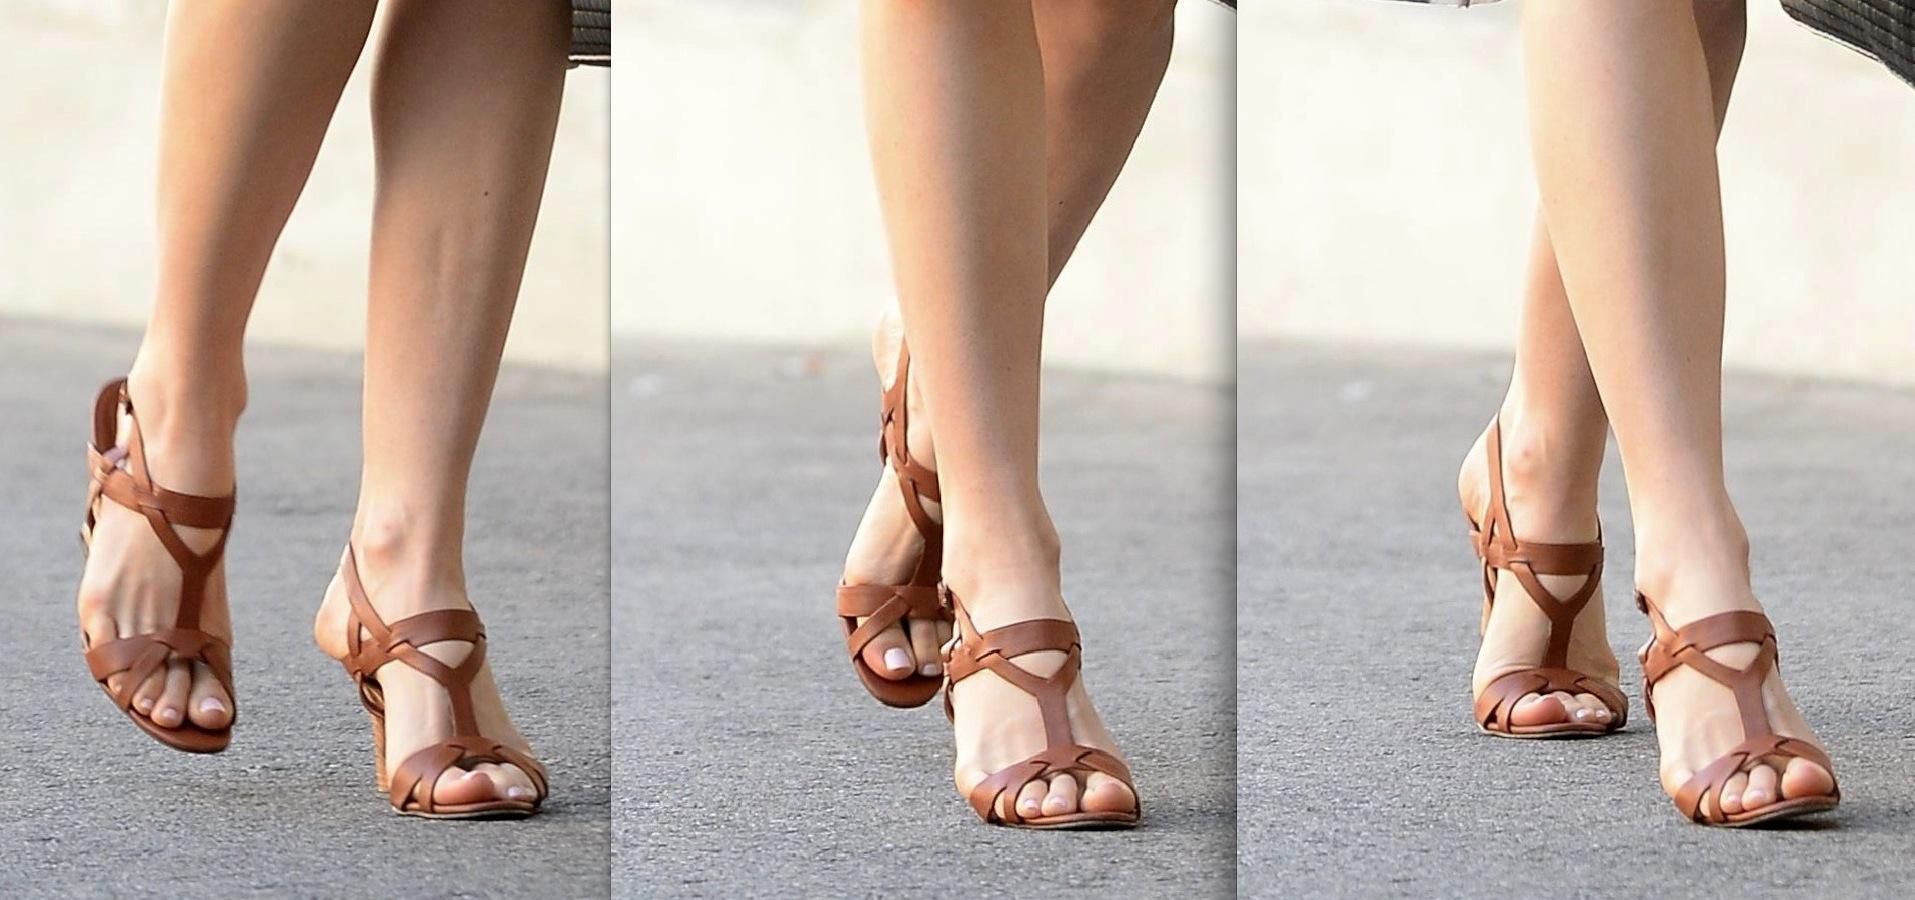 votre top 5 des plus beaux pieds  Jessic13